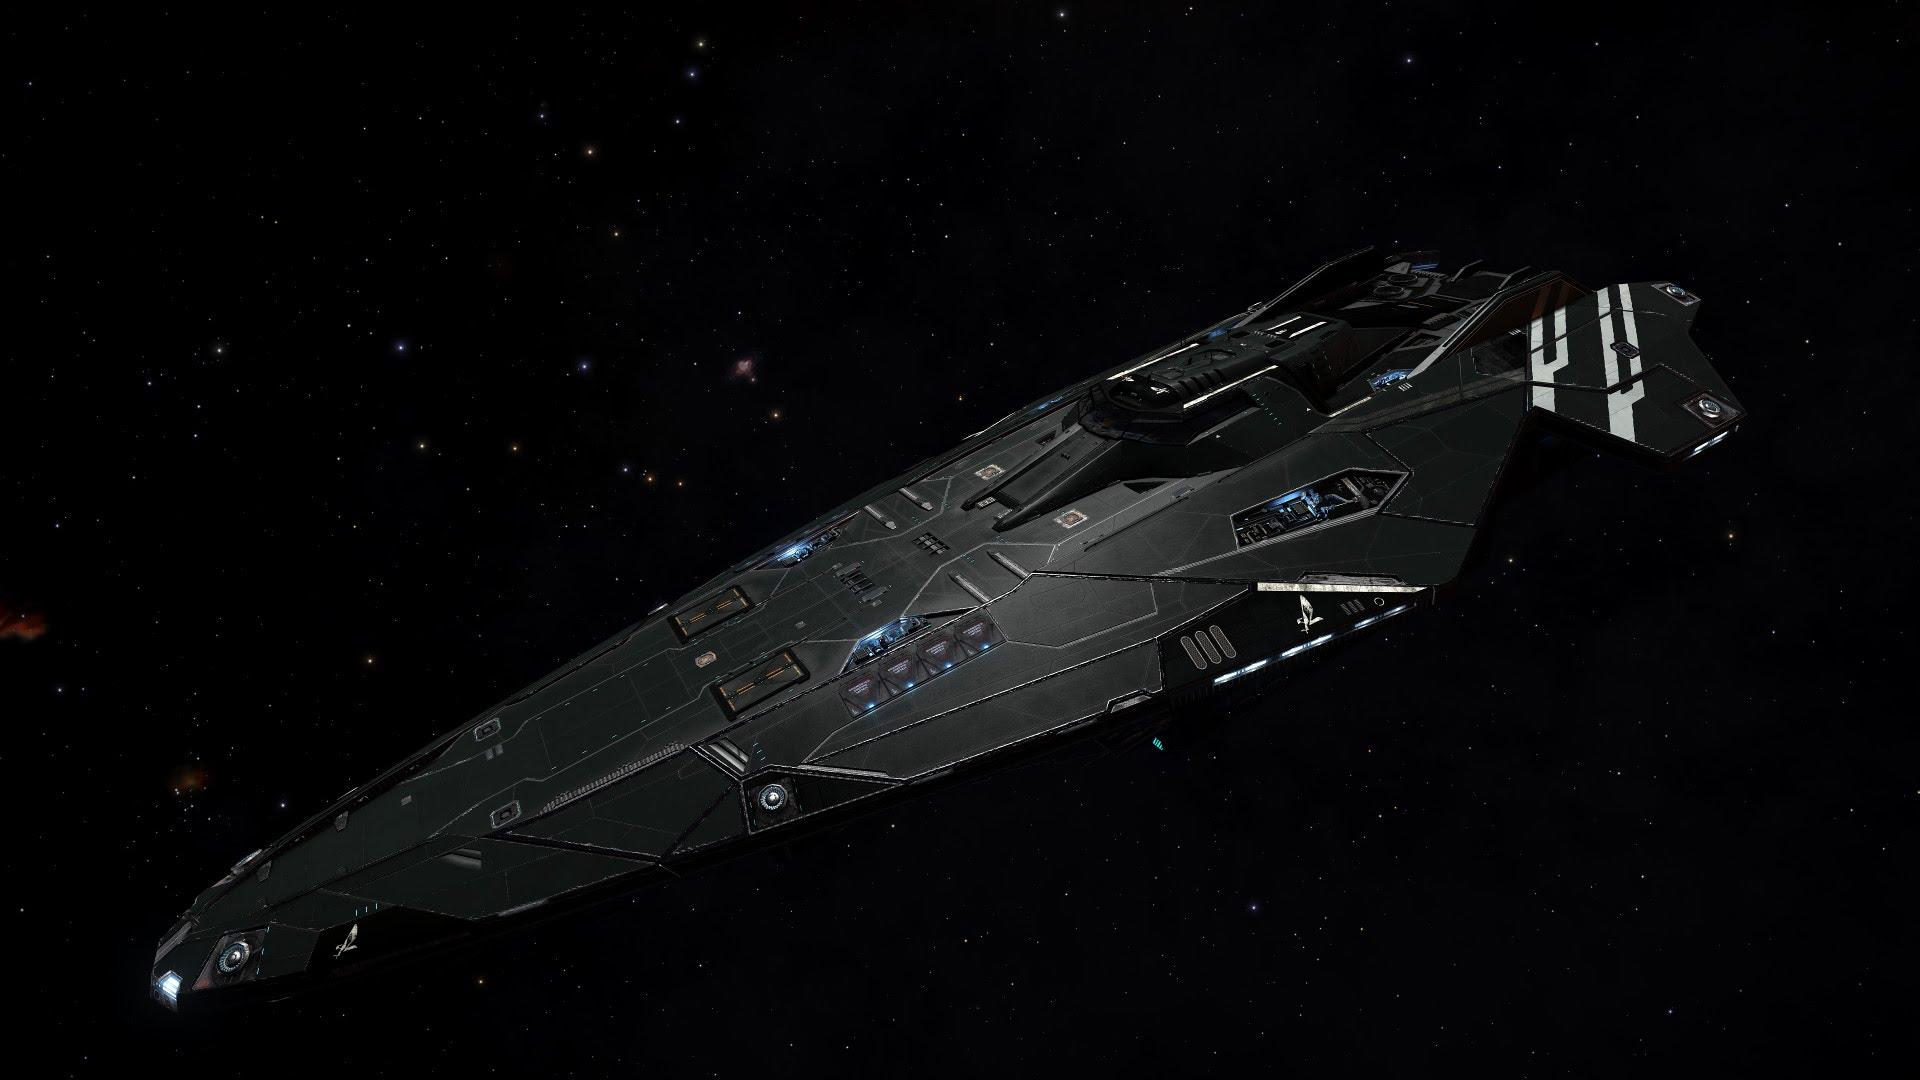 Sinoviet Infinitum Star Yacht Halo Fanon Fandom Powered By Wikia